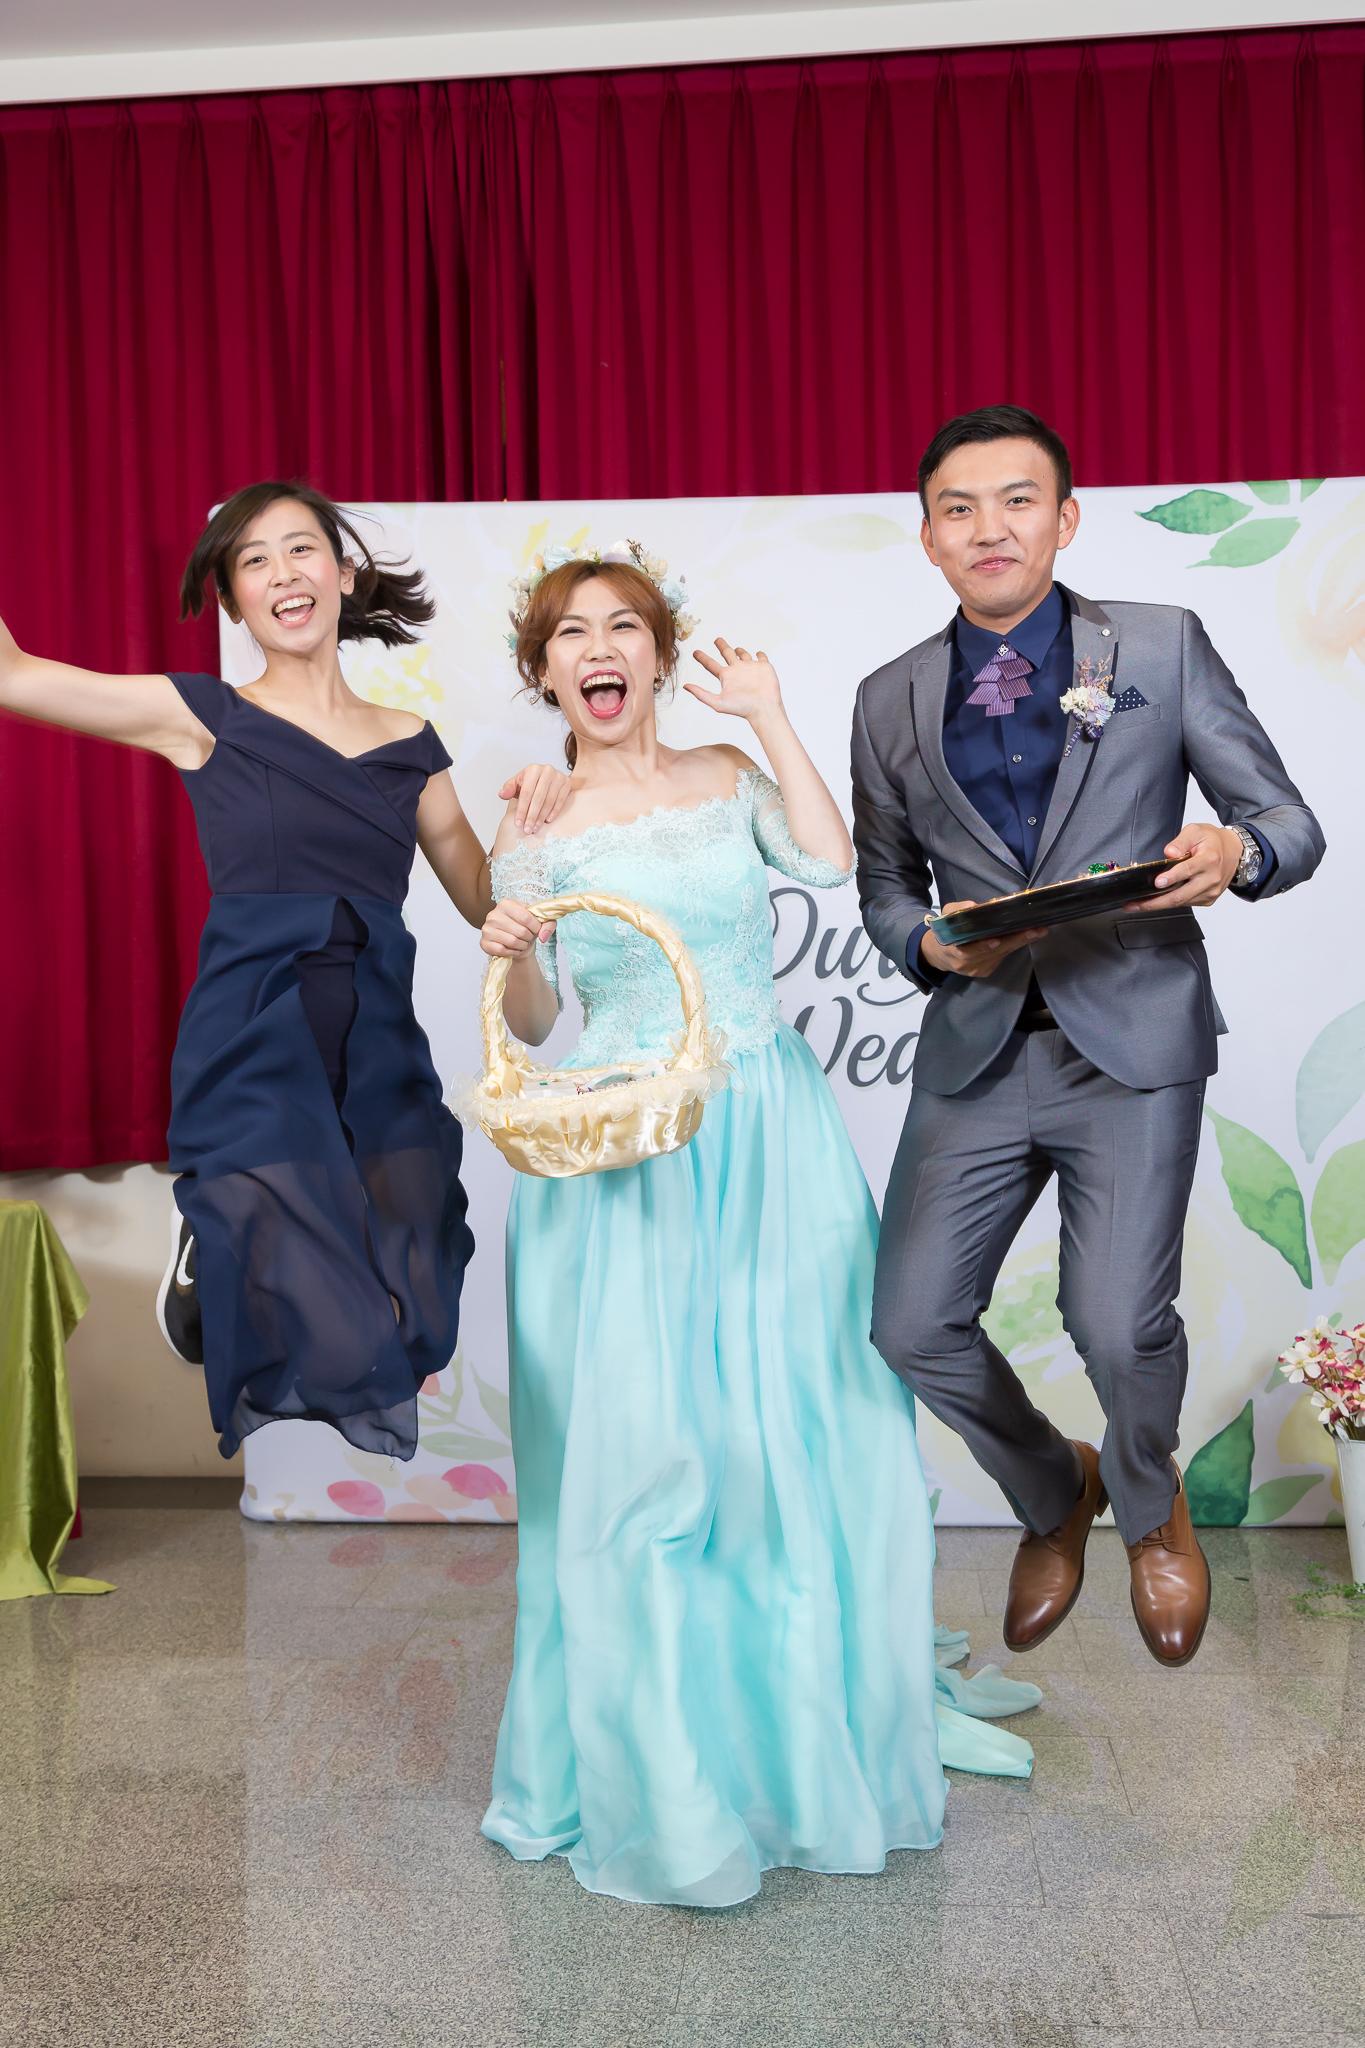 人的一生是由親情、愛情、友情建構而成,因為有感情,讓我們的生活變得有滋有味,凱勛&雅琪身邊有這麼多愛他們的人的祝福,未來一定會比現在更幸福的唷!!! photo by 光合影像事務所 婚禮主持、婚禮企劃、迎娶儀式、歡笑聲